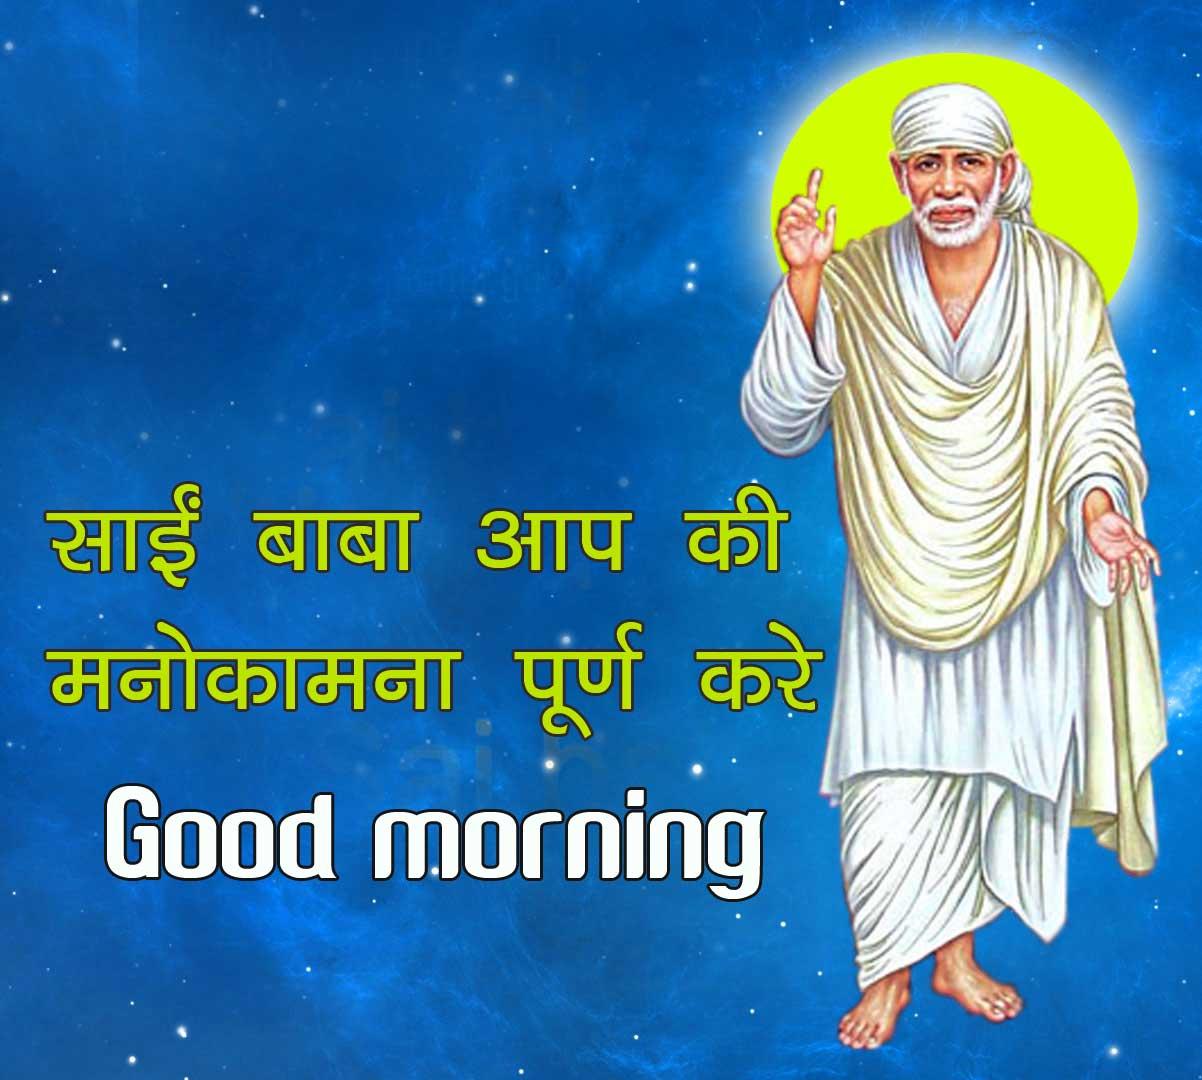 Sai Baba Good Morning Pics Download